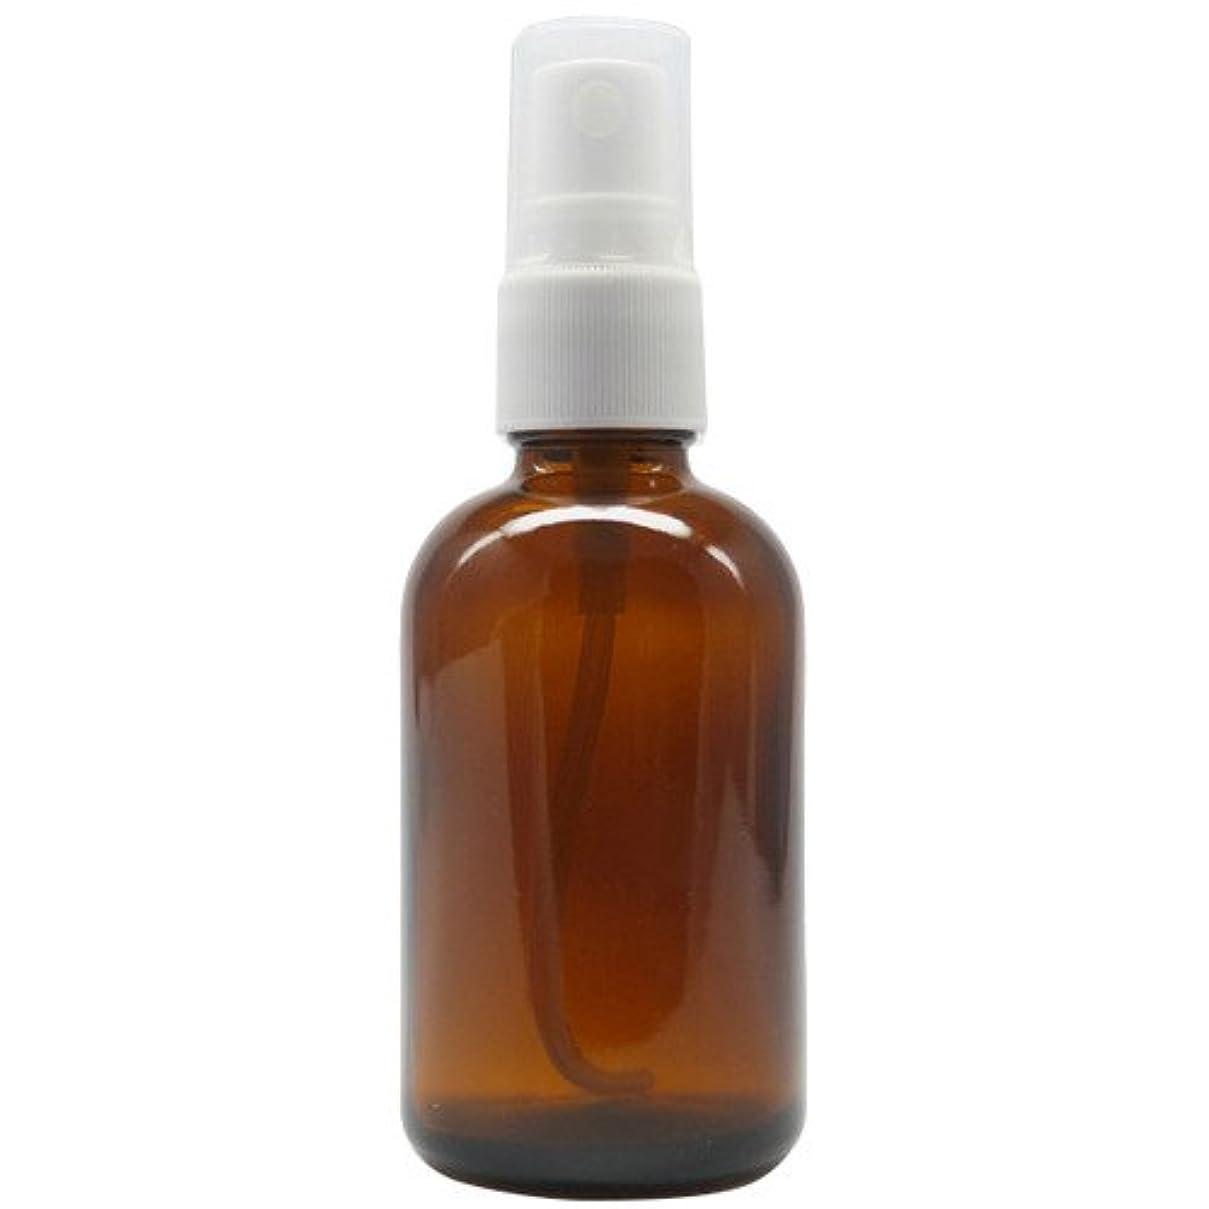 成長セイはさておき語アロマアンドライフ (D)茶褐色スプレー瓶60ml 3本セット